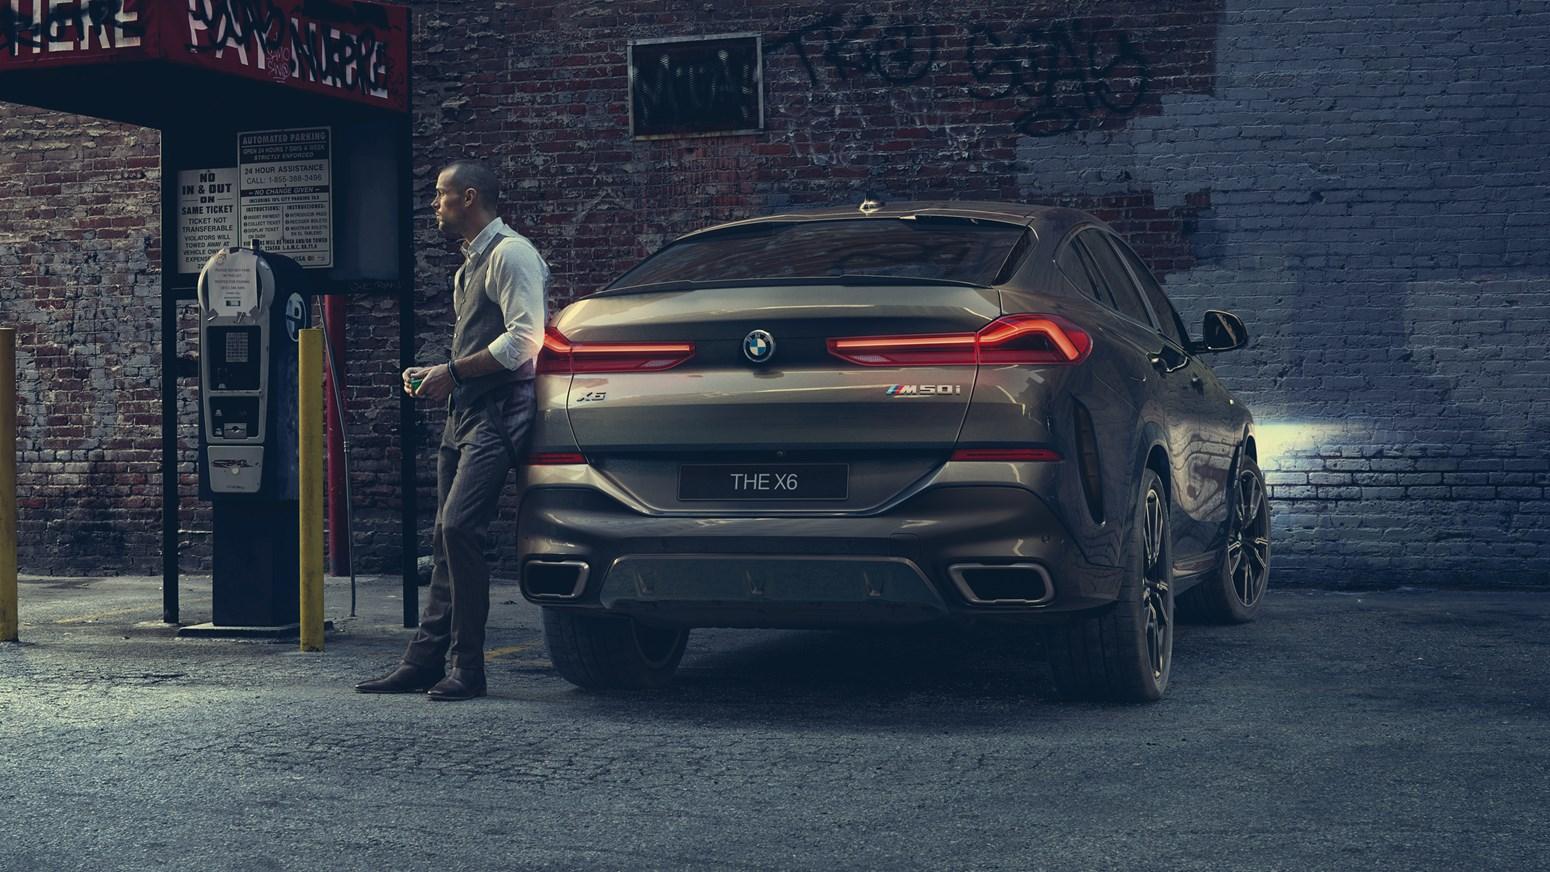 BMW X6 GALLERY 2440X1373 B